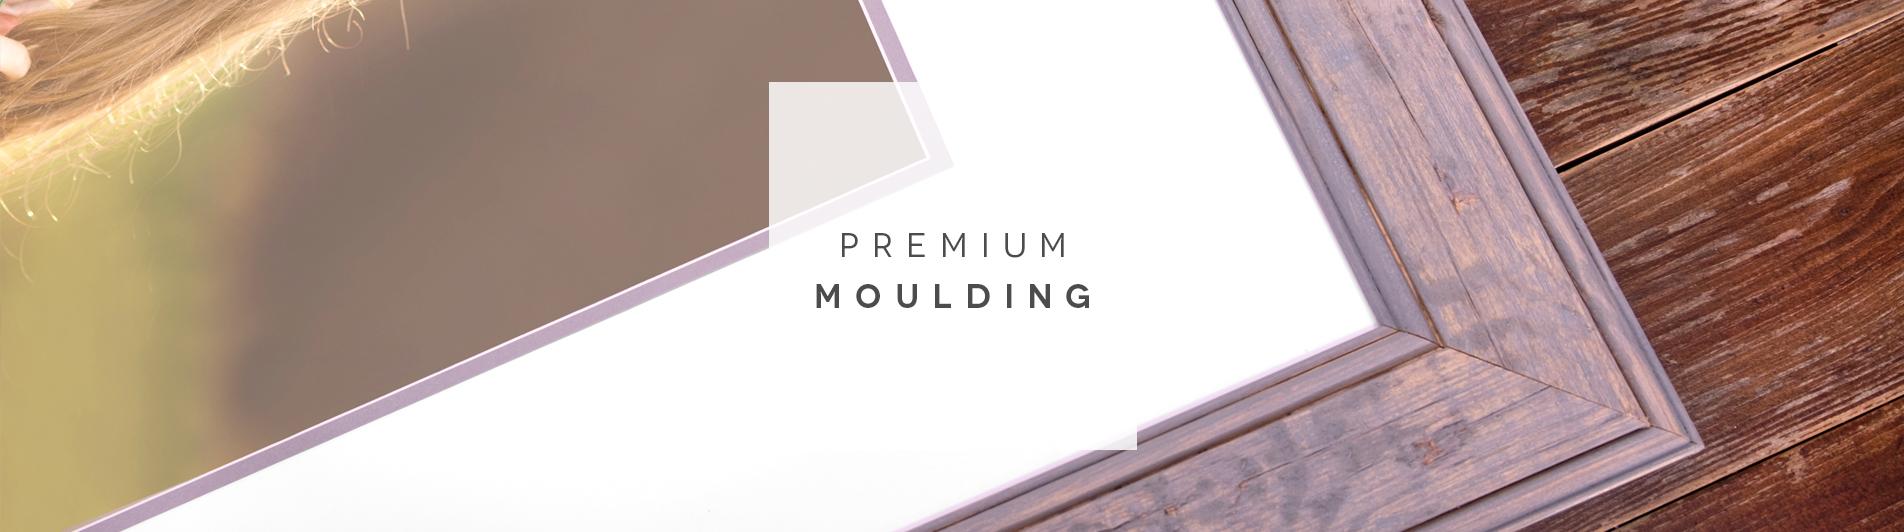 Premium Moulding